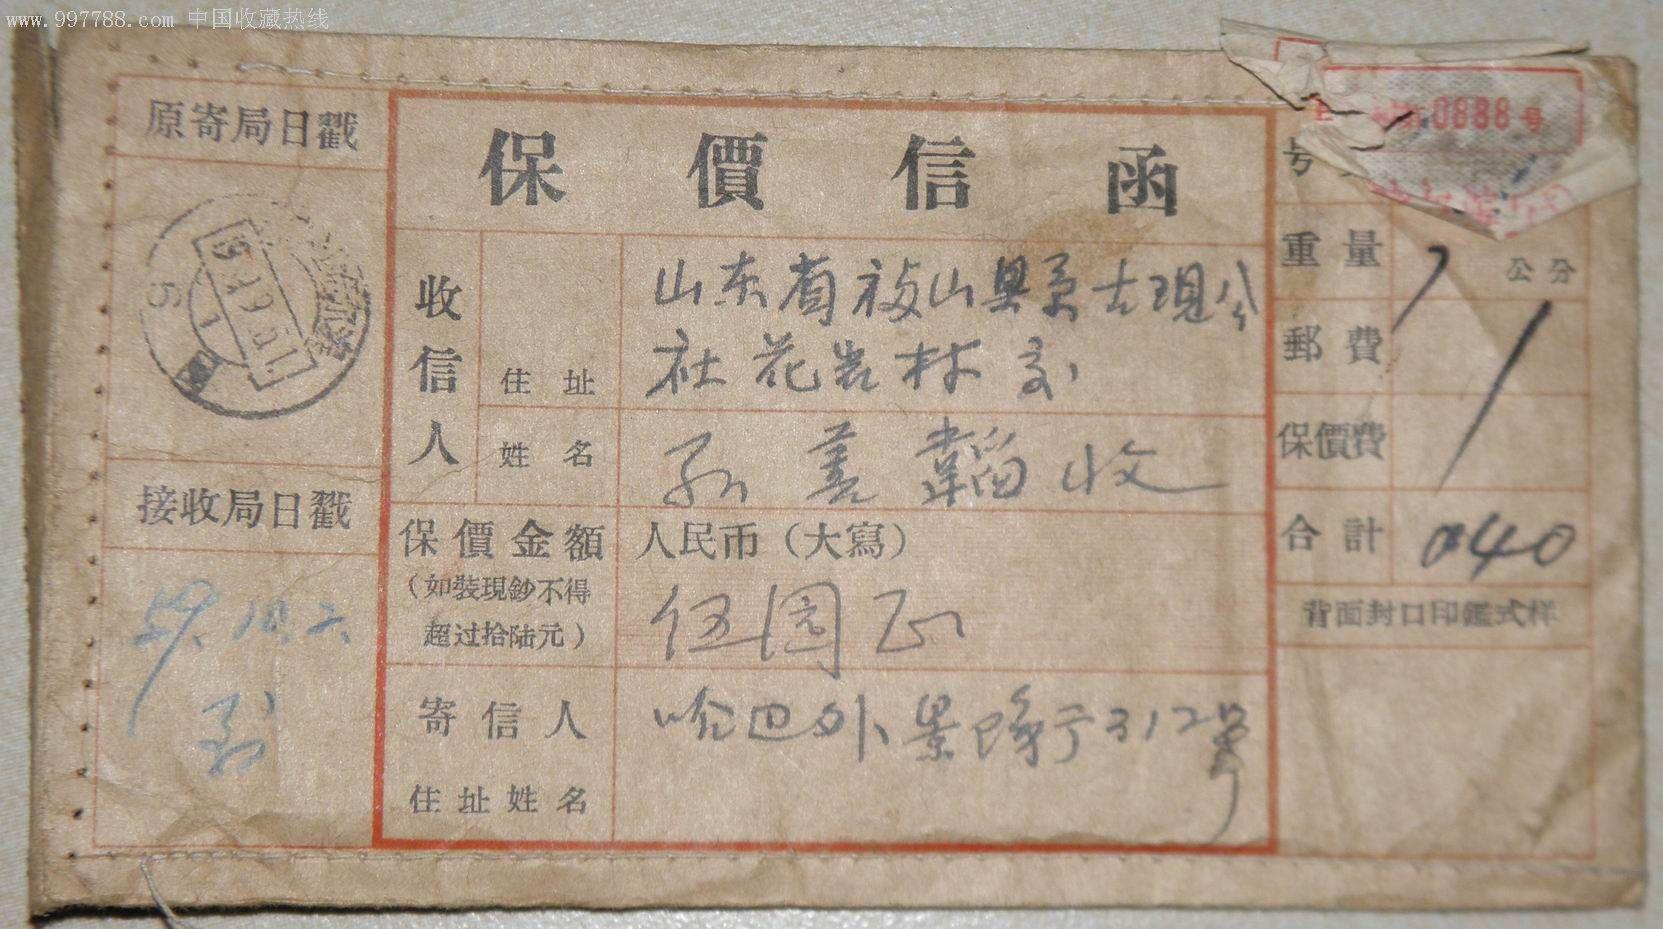 早期特殊格式保价信封图片